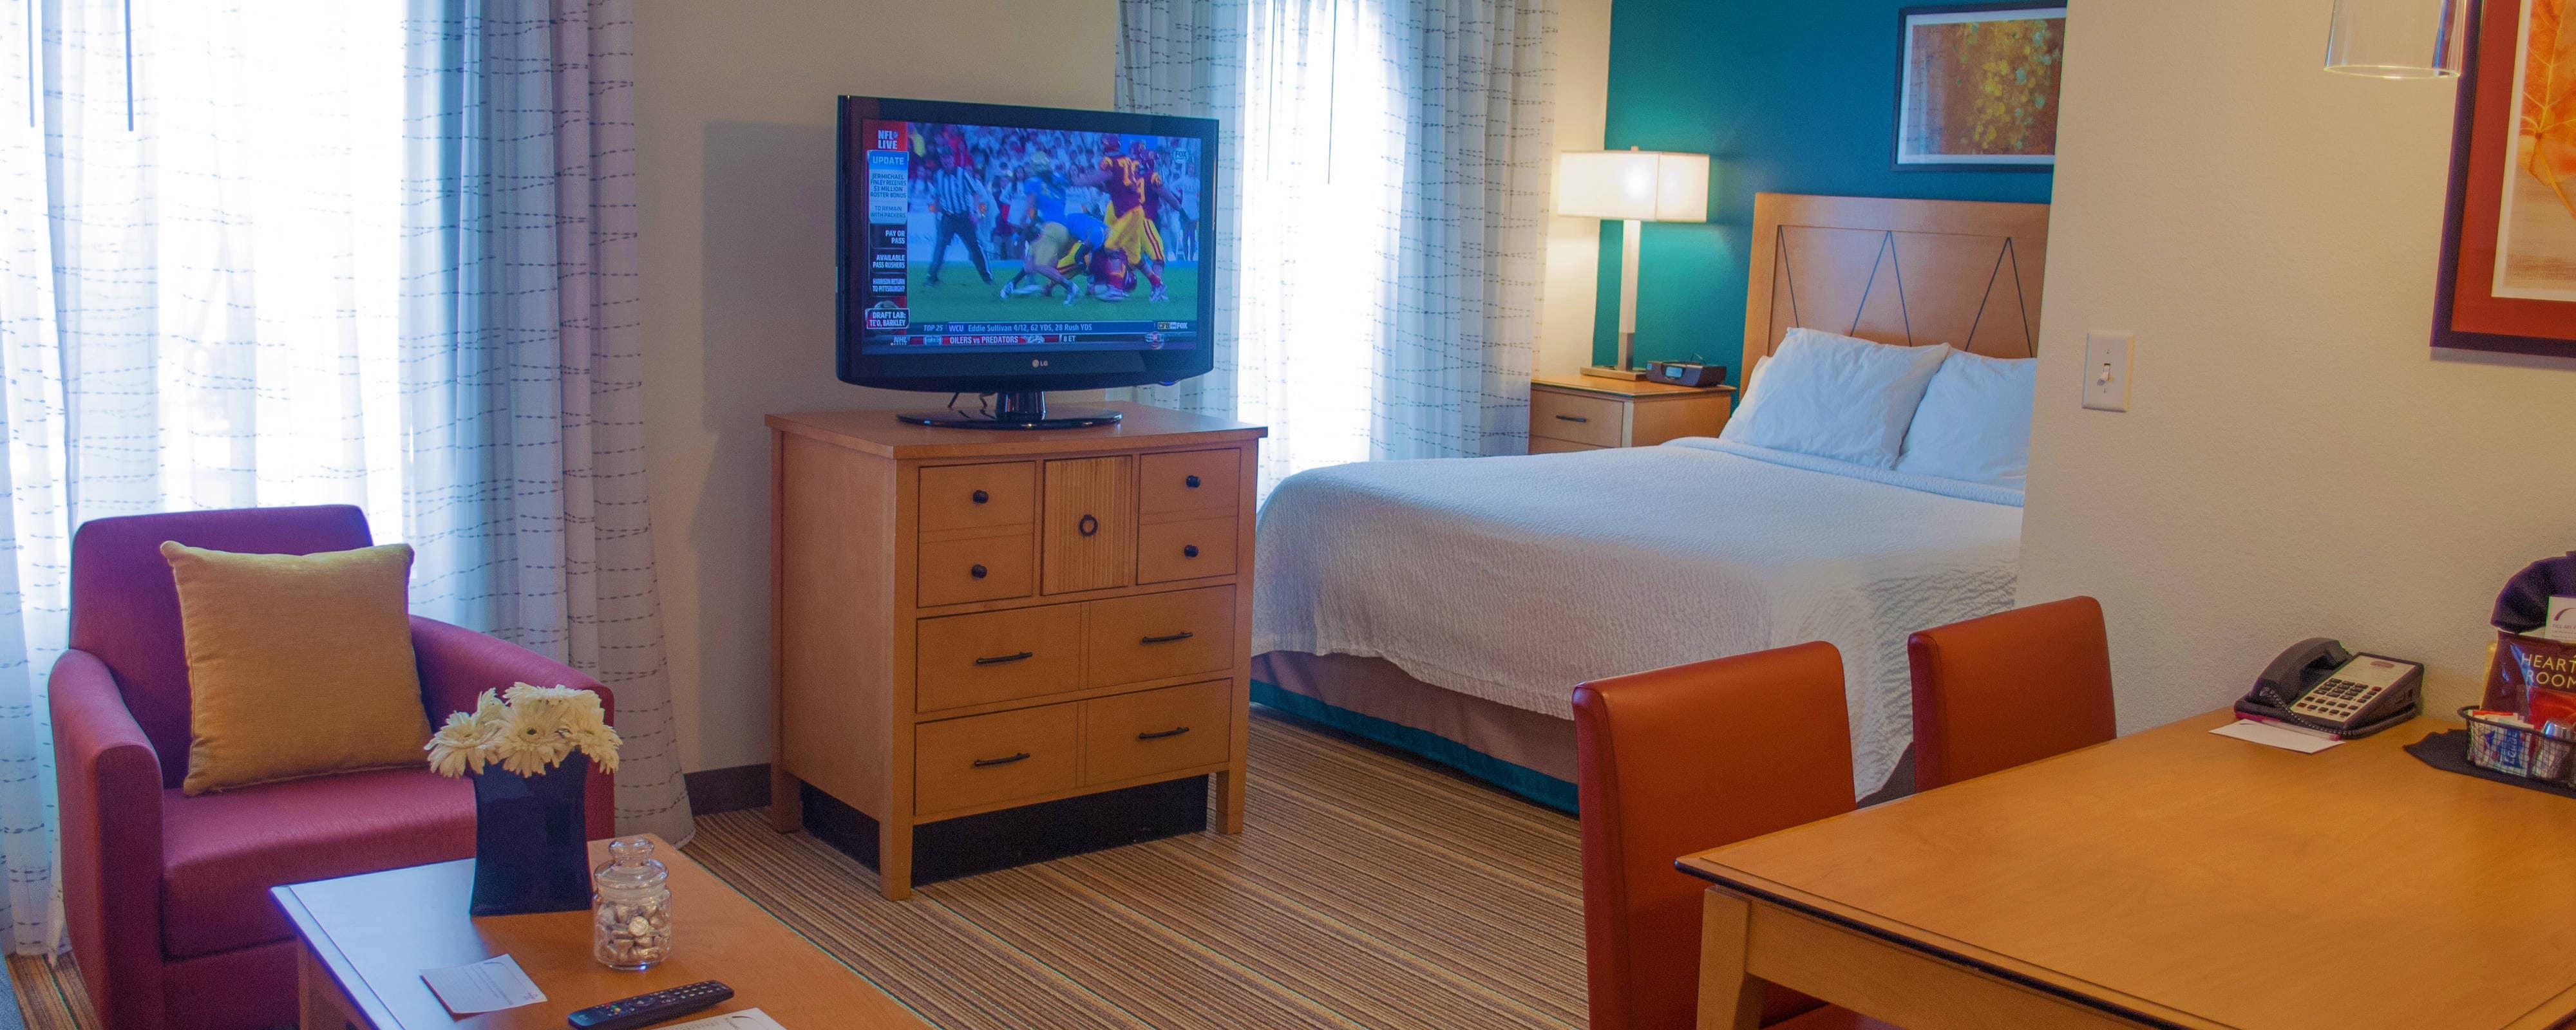 Hotel für Langzeitaufenthalte in Harrisburg, PA